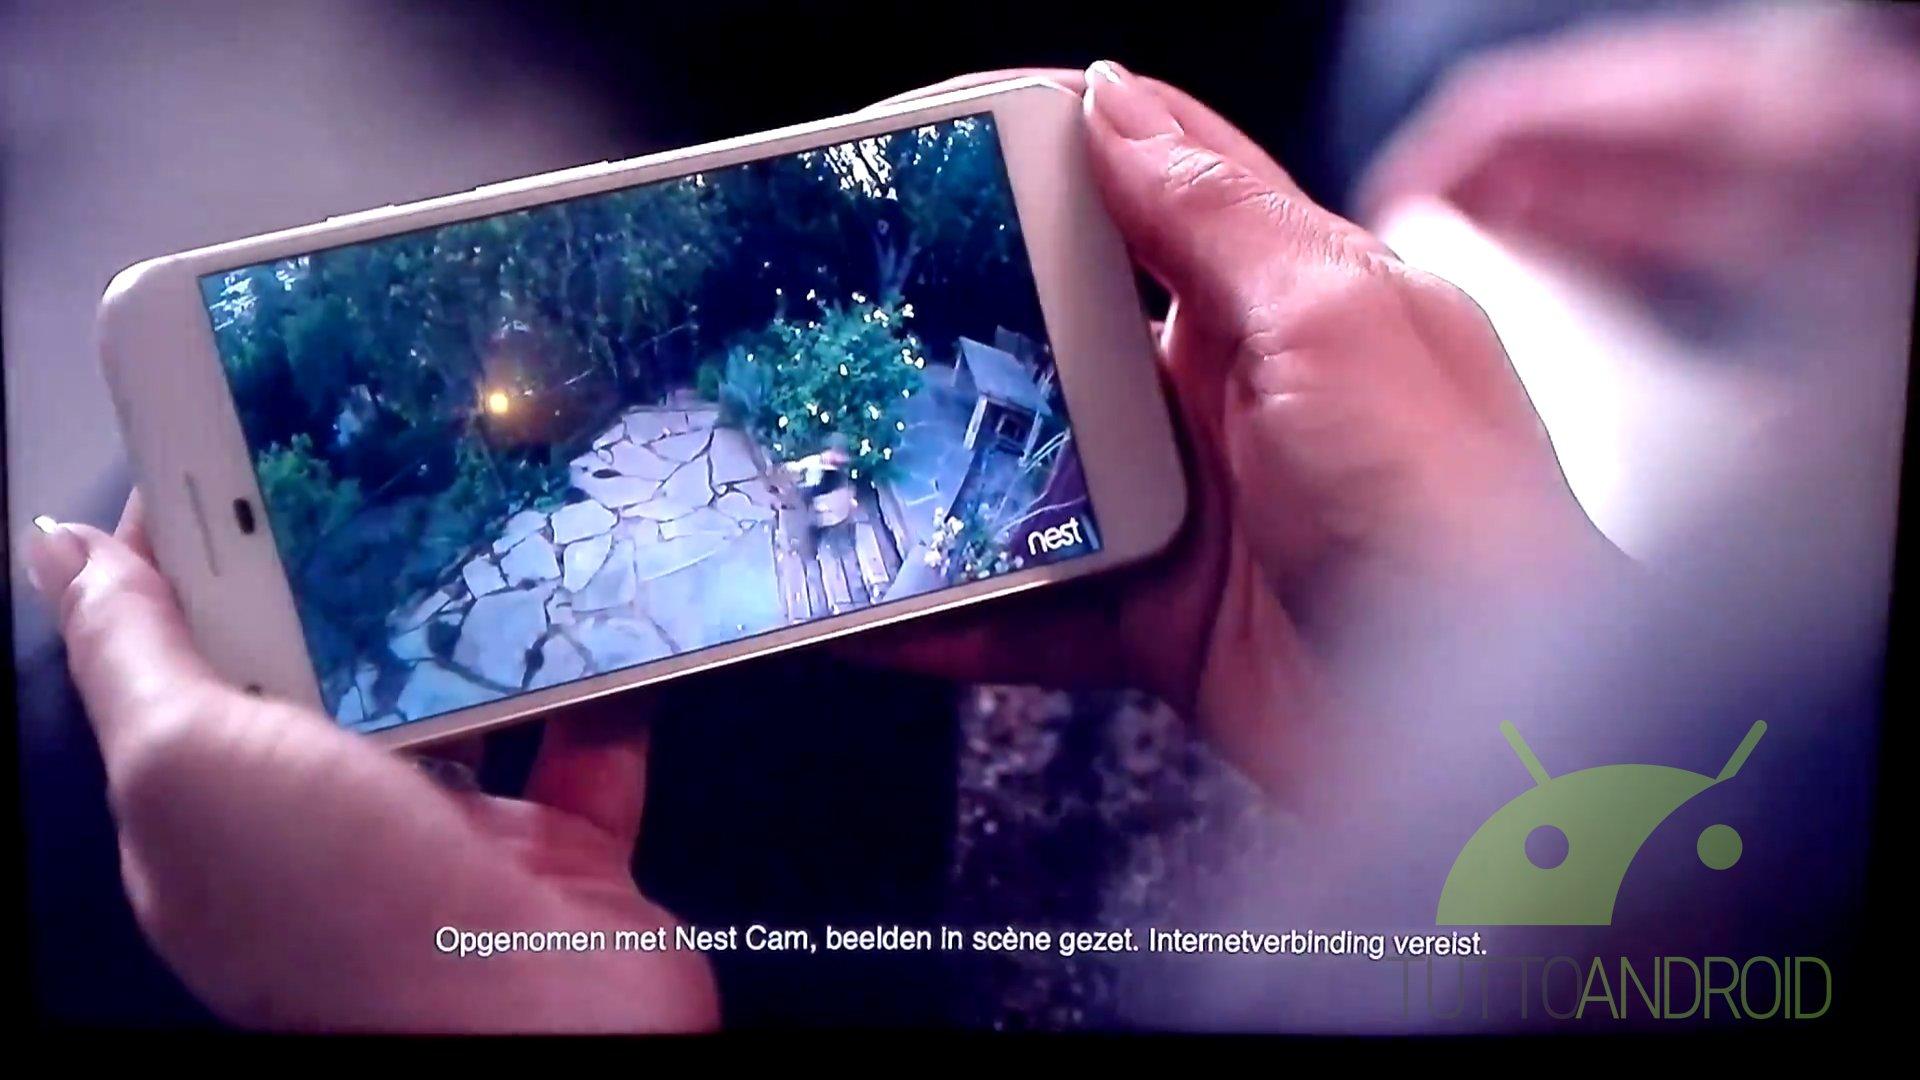 Nest potrebbe aver mostrato Google Pixel in uno spot pubblicitario